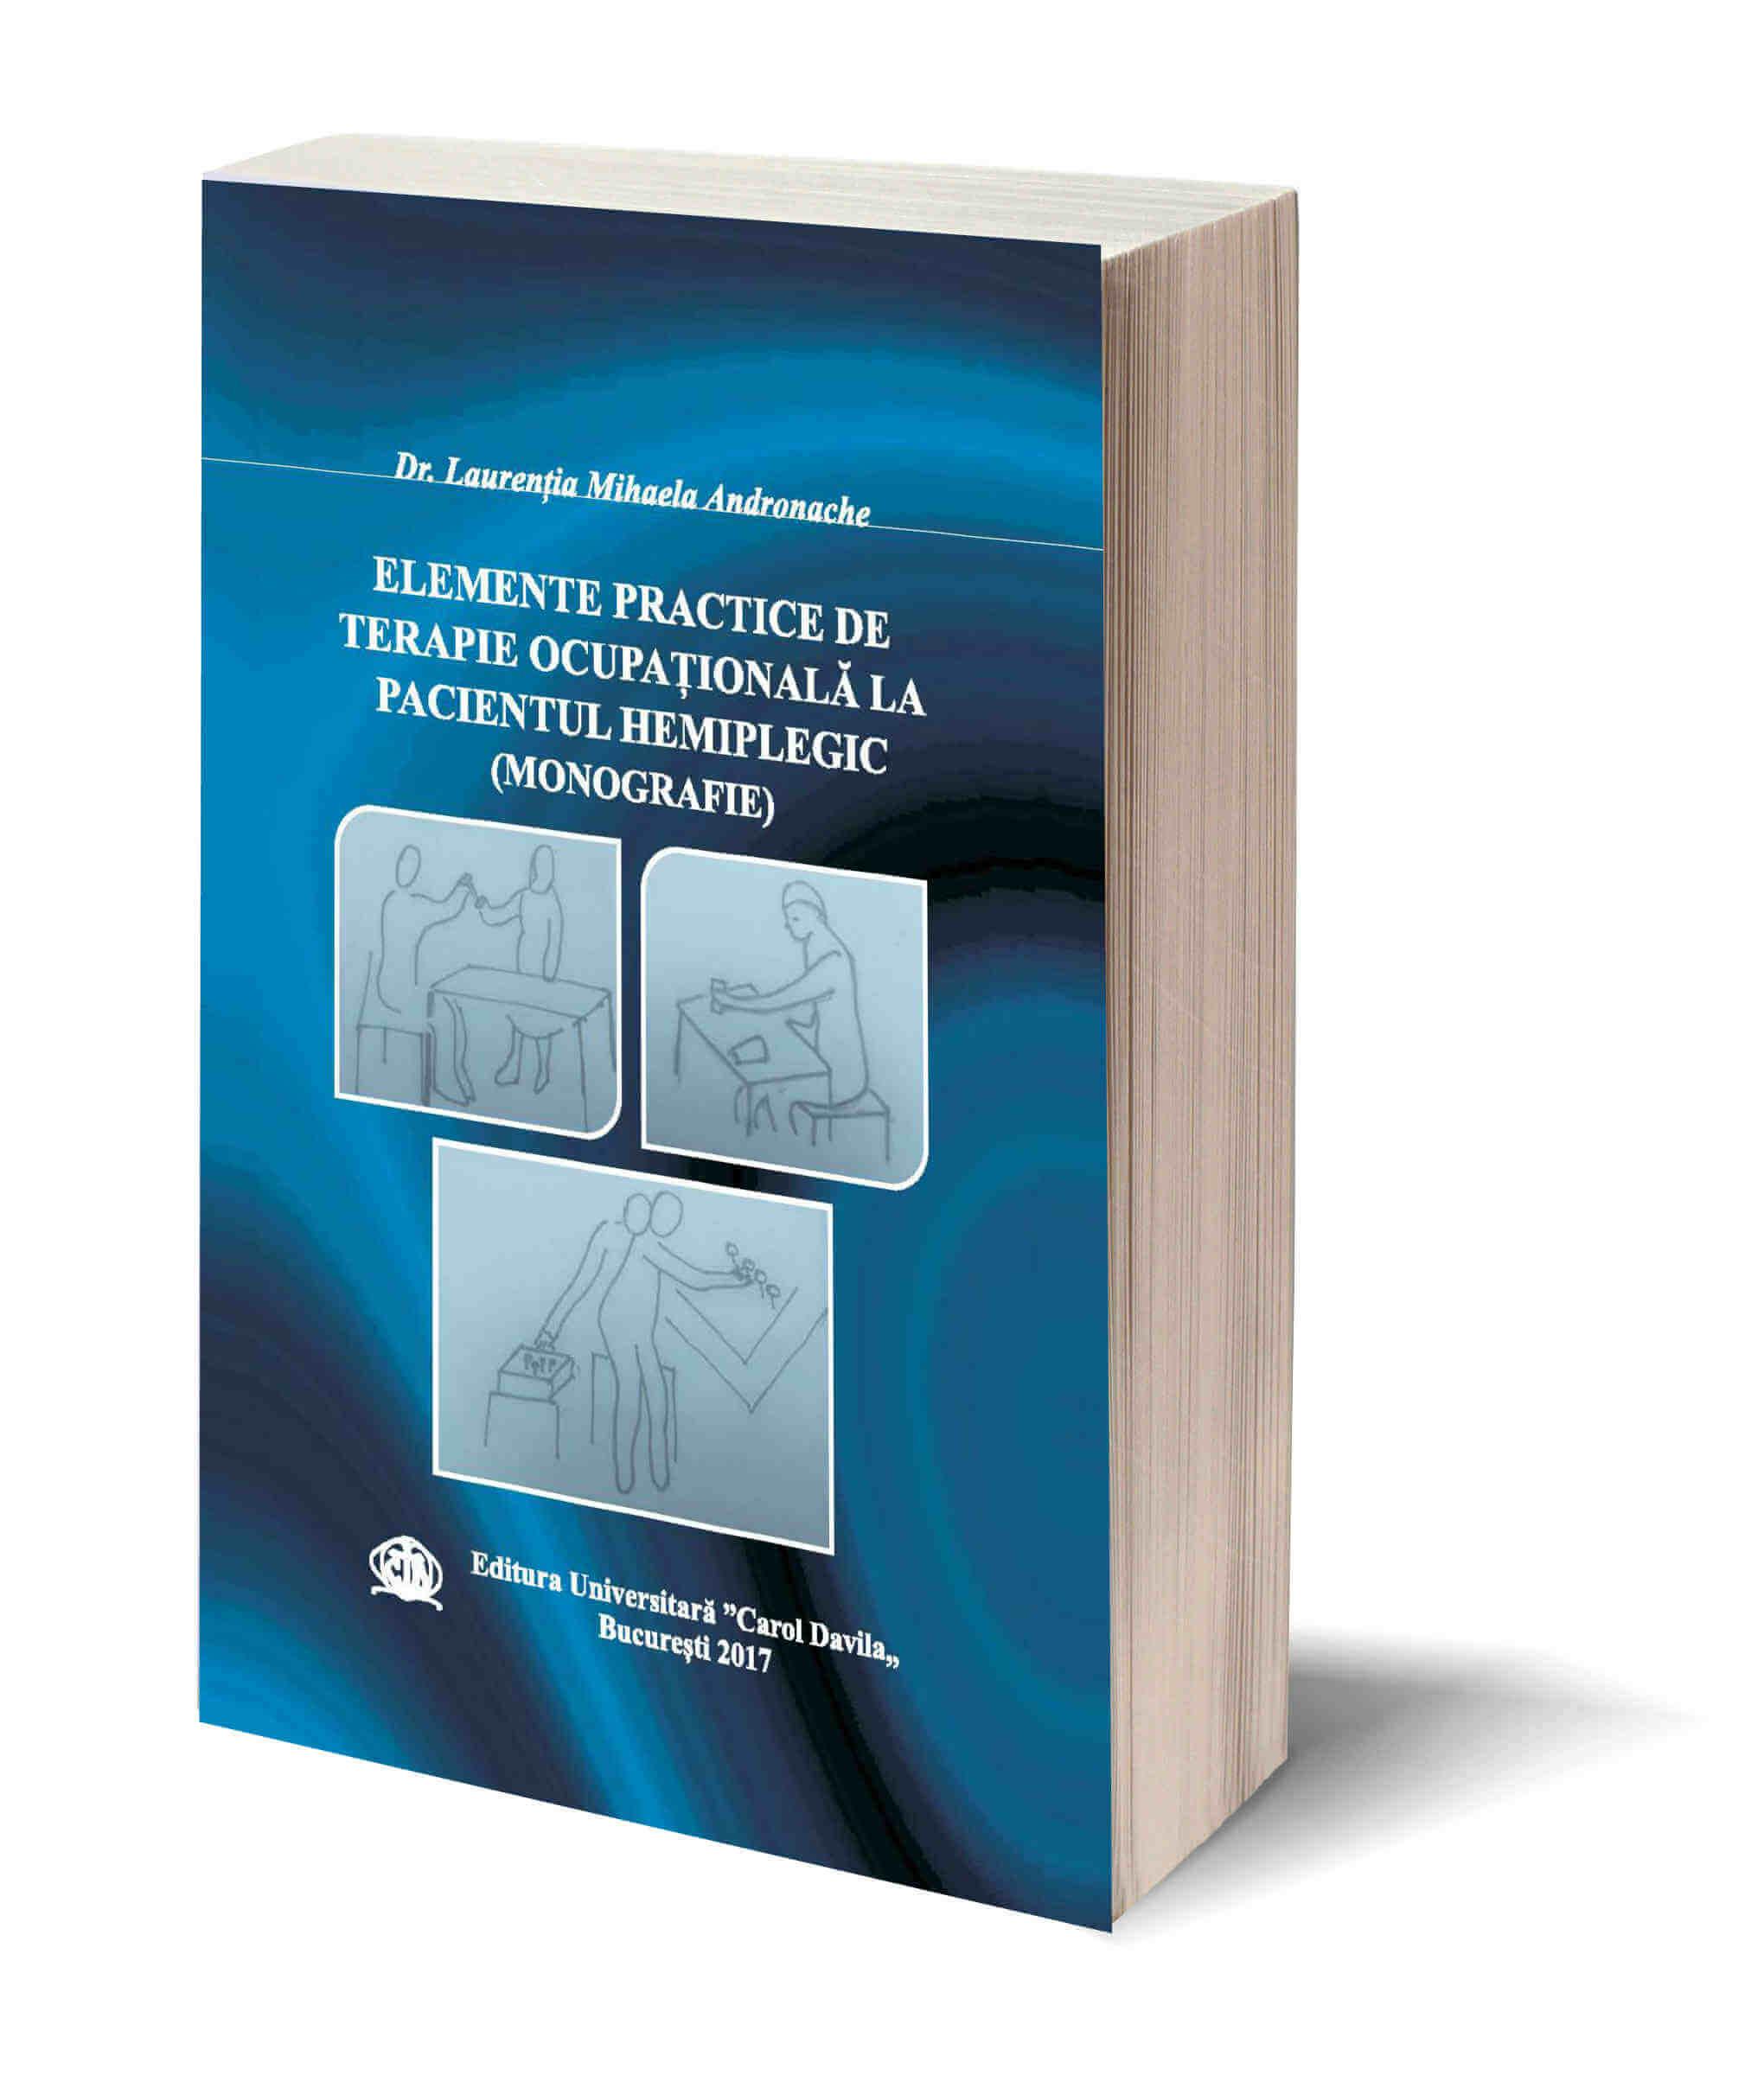 Elemente practice de terpaie ocupationala la pacientul hemiplegic (Monografie)